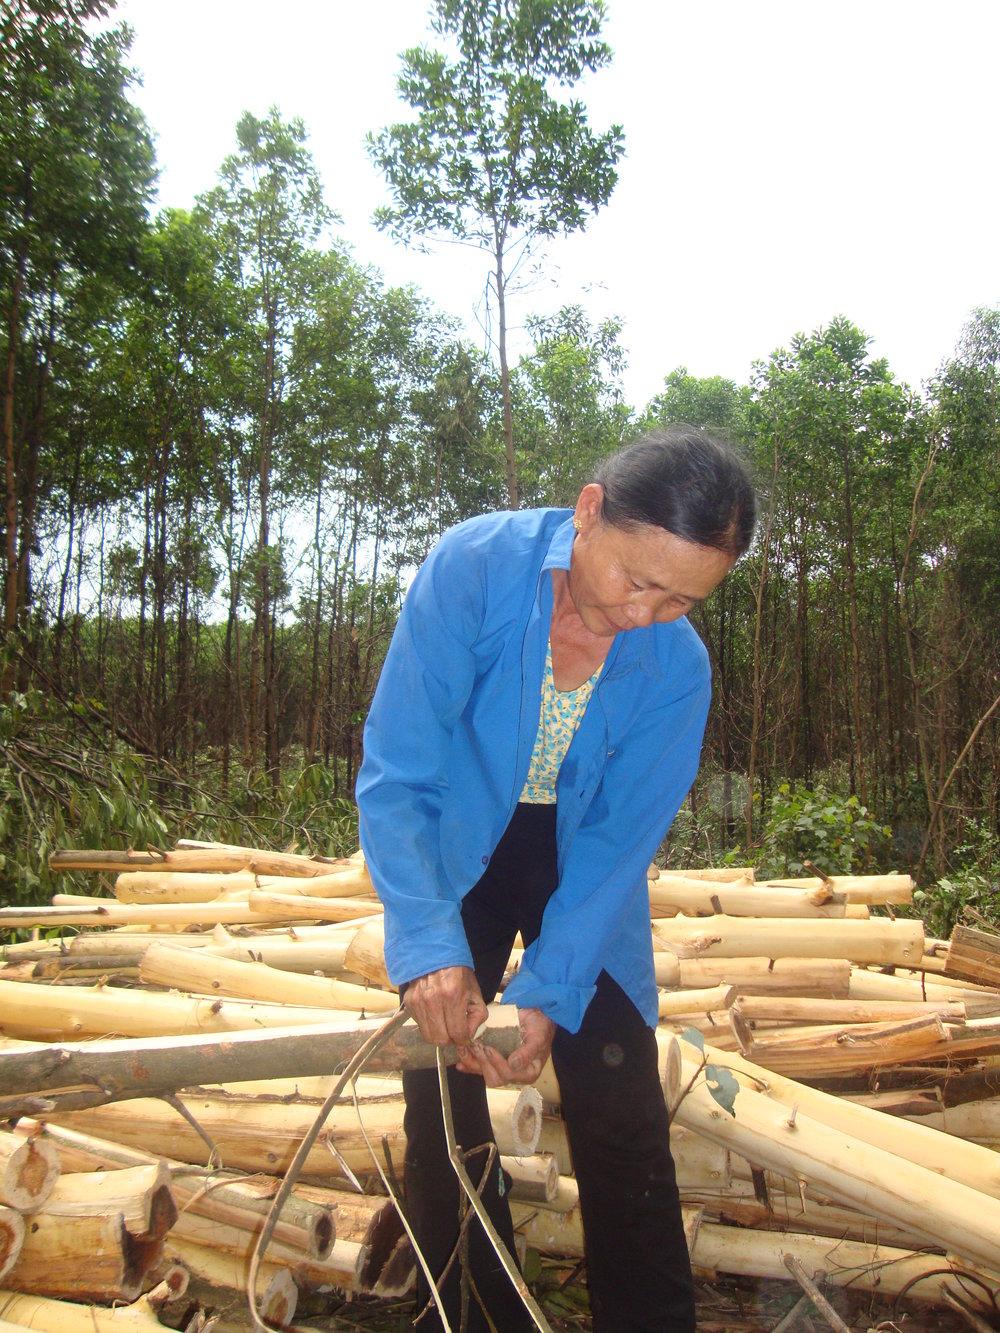 Vietnamilainen nainen kuorii kaadettuja akaasiapuita